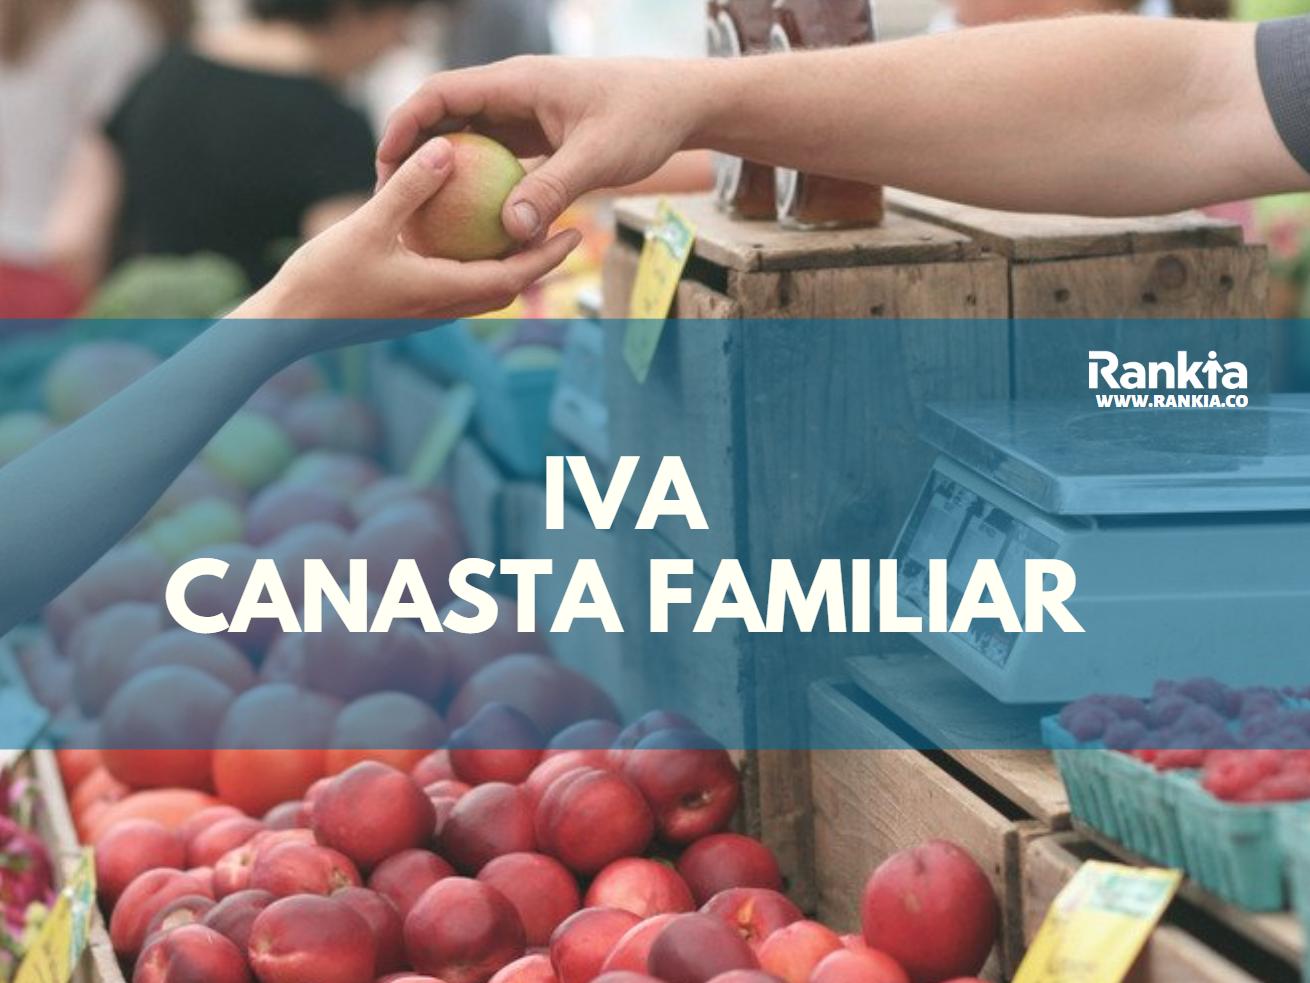 IVA canasta familiar 2020: productos y tarifas